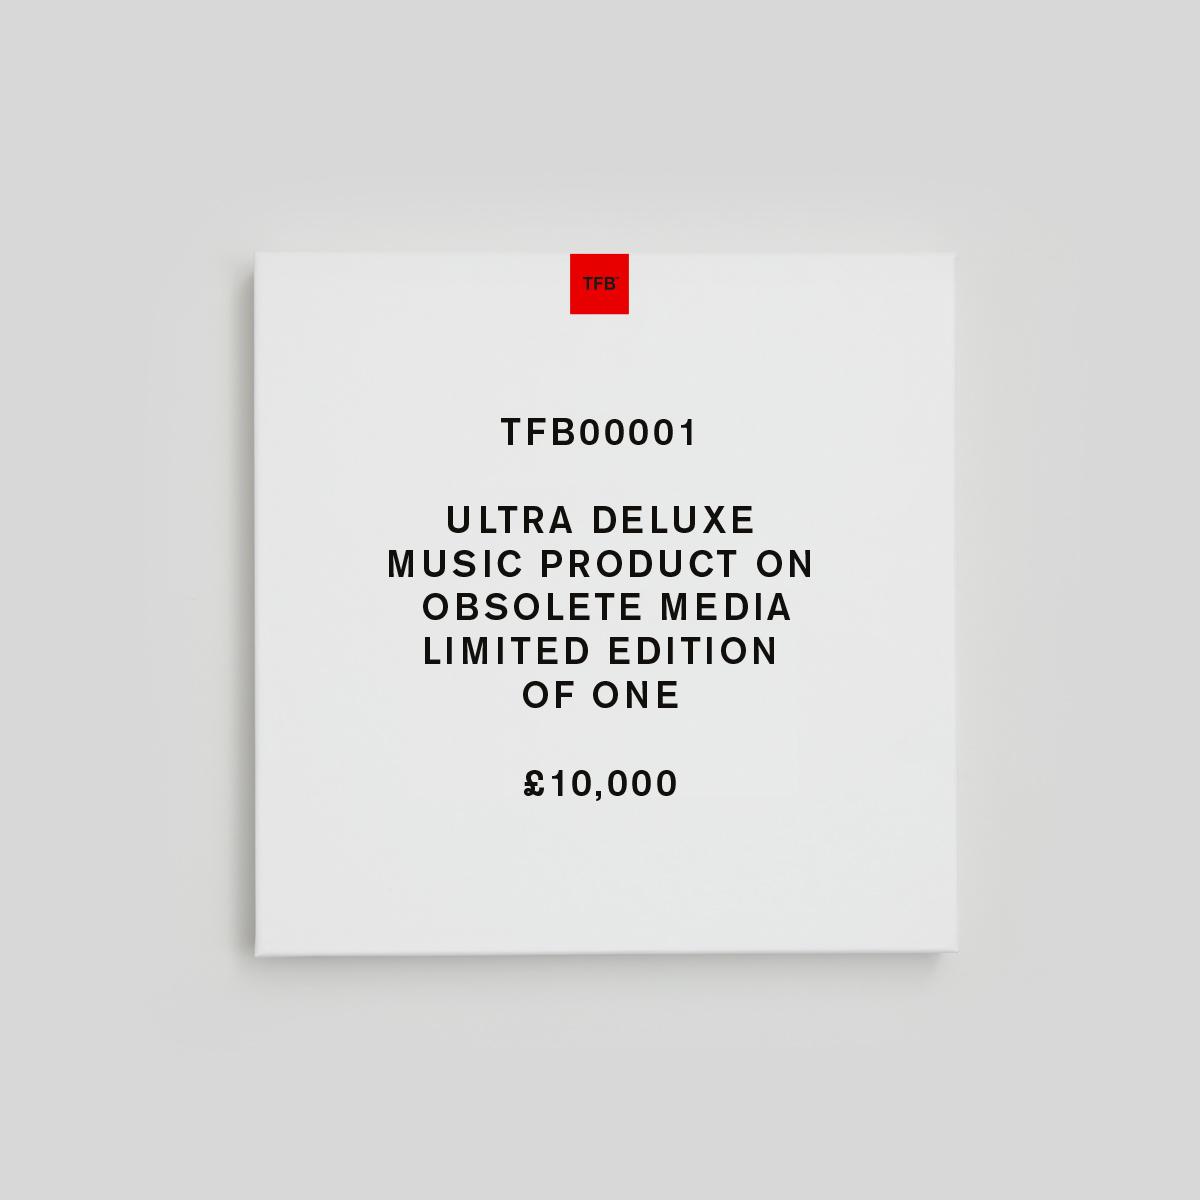 Buy Online Steven Wilson - Steven Wilson x The Future Bites™ Ultra Deluxe Music Product On Obsolete Media